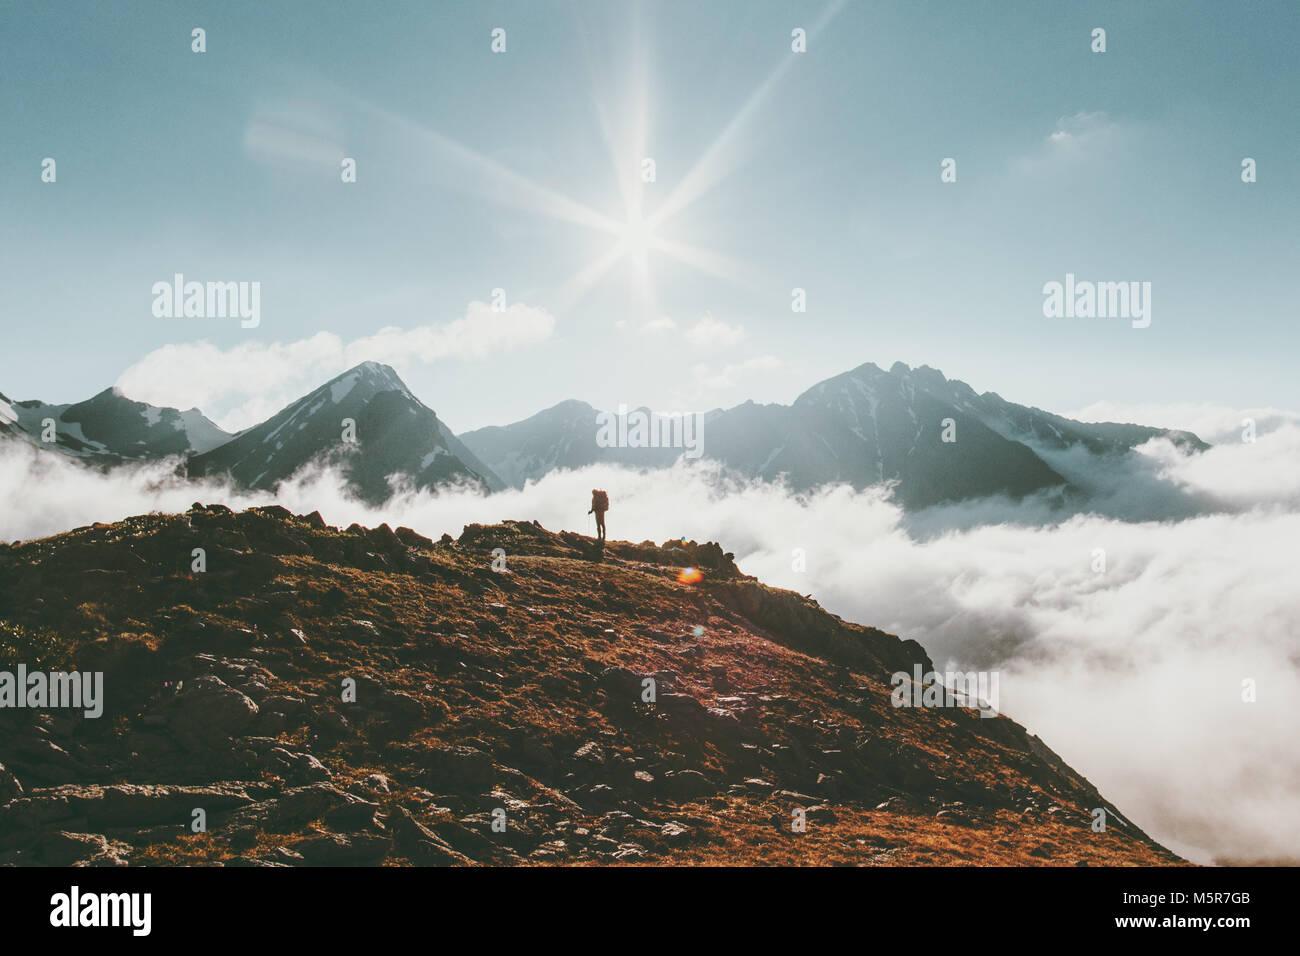 Paysage des montagnes de vie voyage adventure concept traveler Standing alone vacances d'une journée ensoleillée Photo Stock